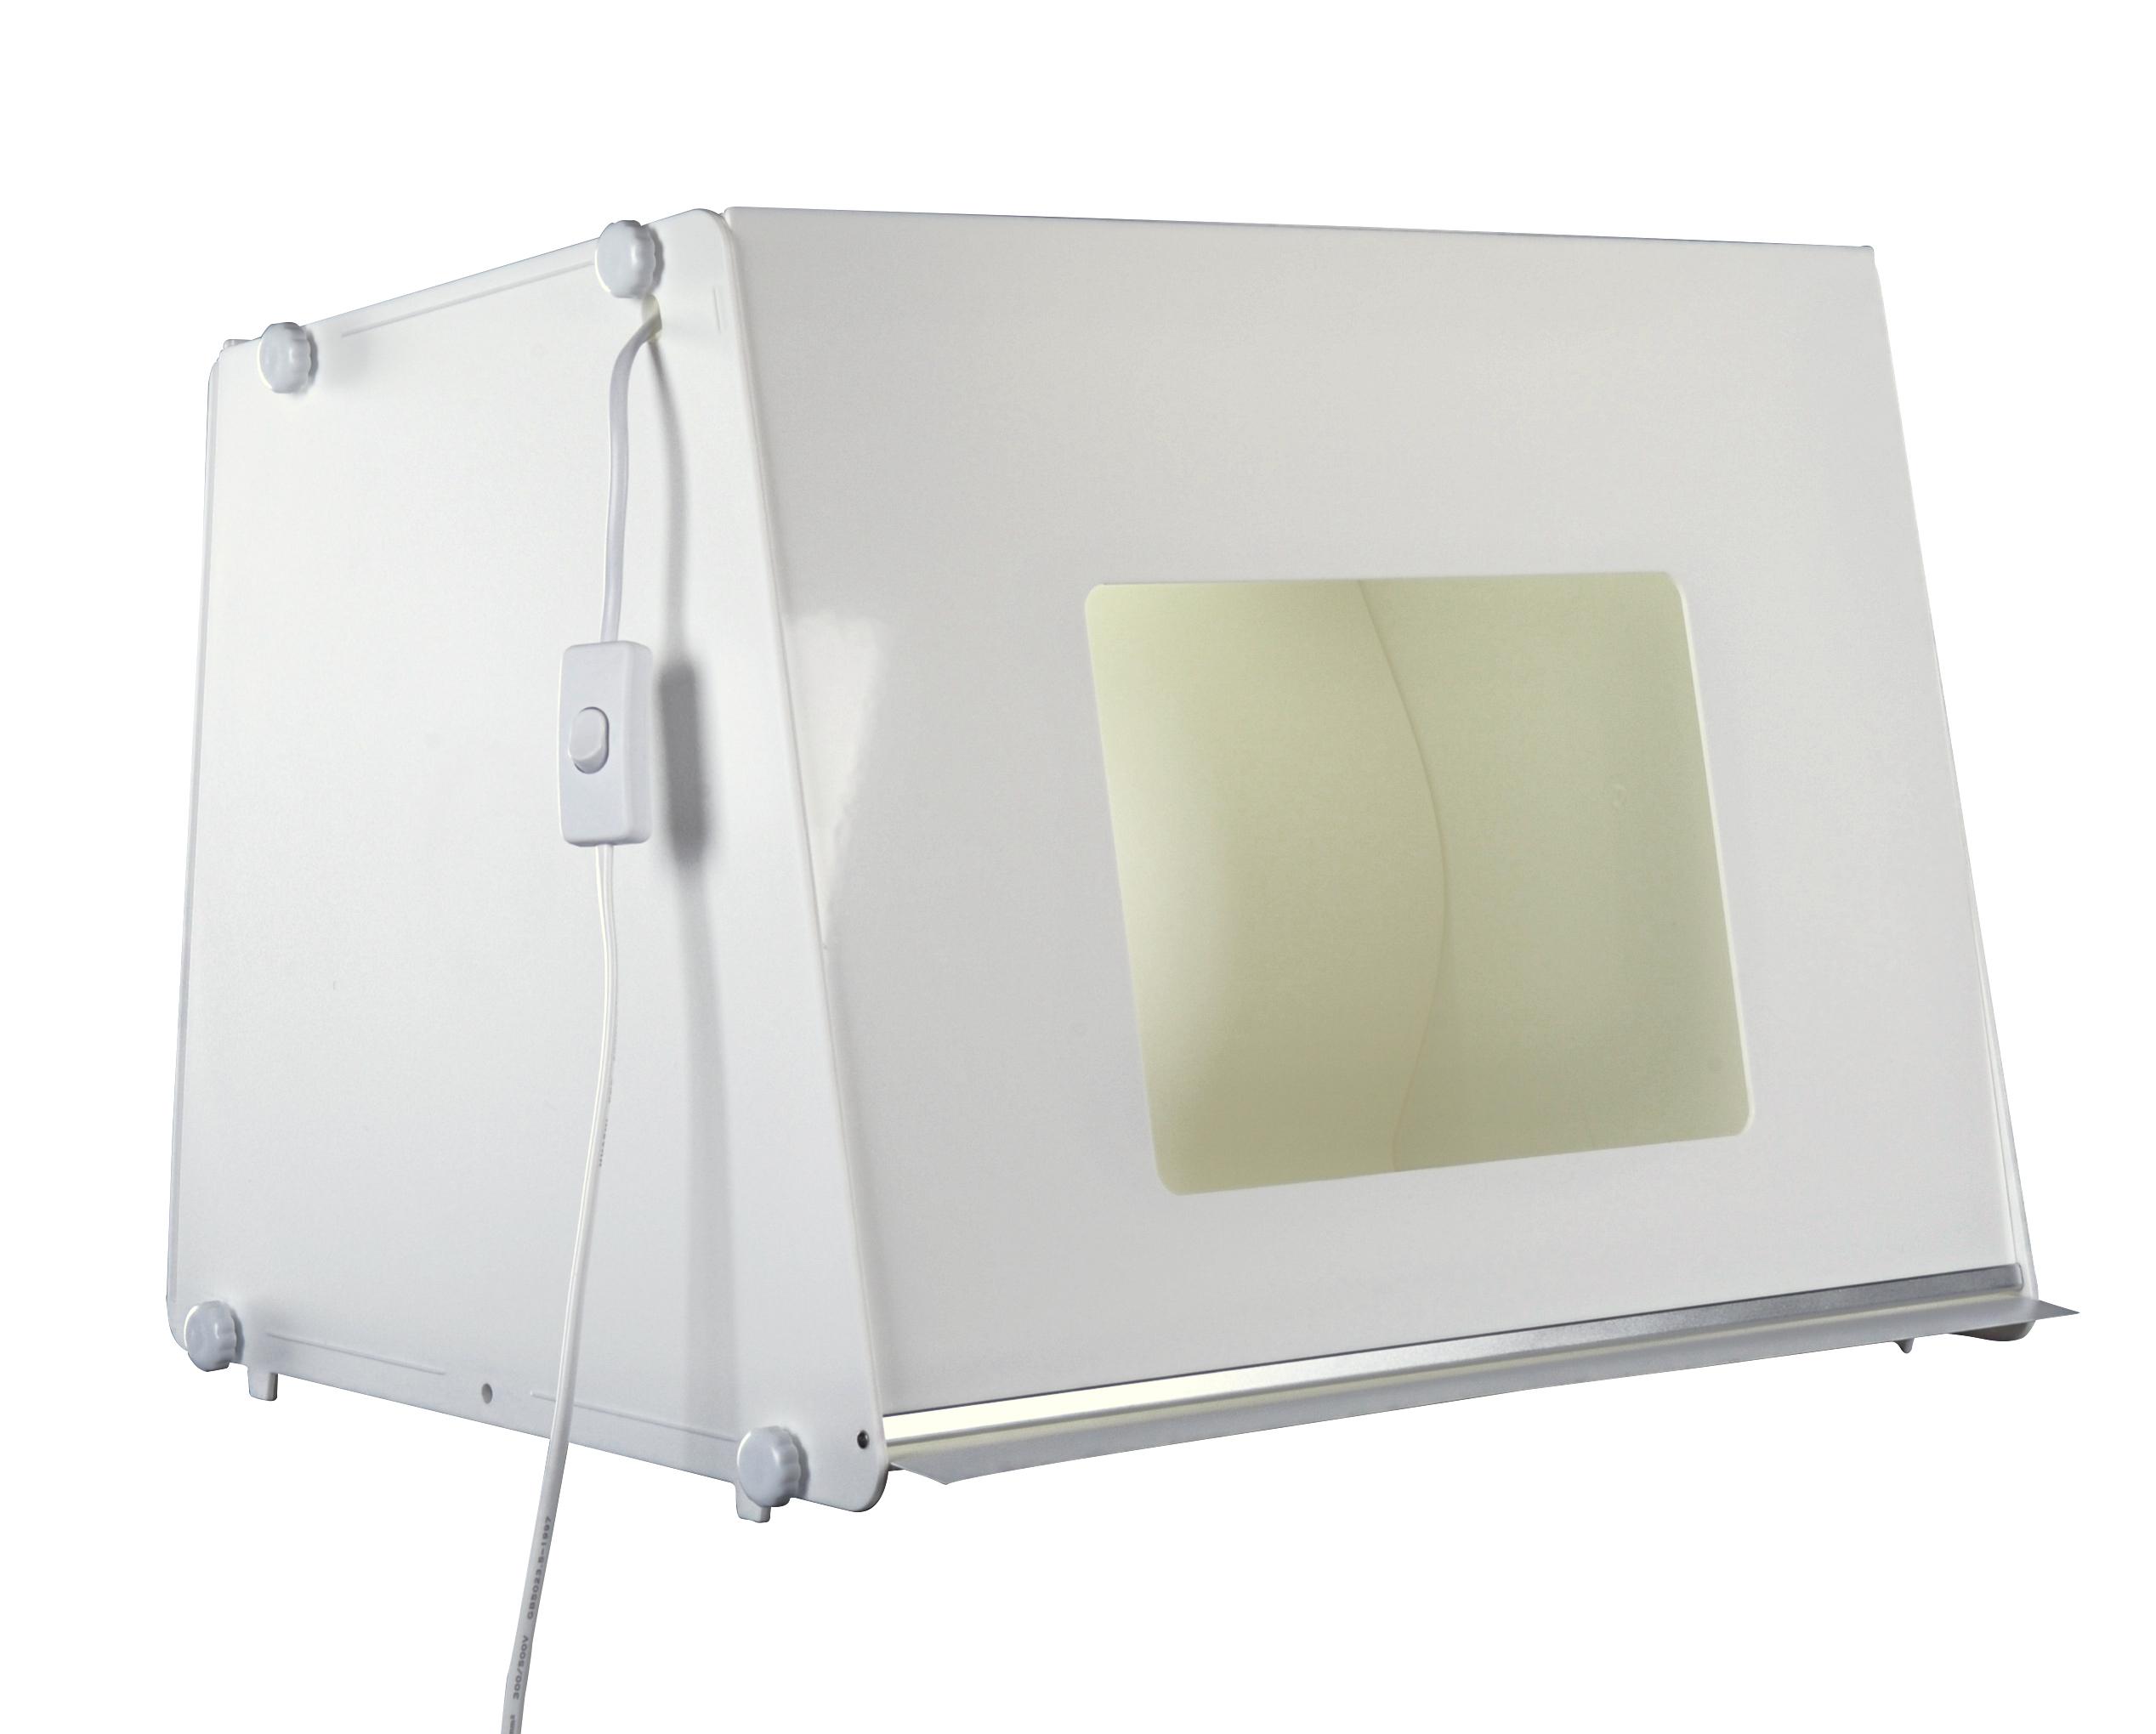 bresser br ph30 fotobox licht 30x22x23cm bresser. Black Bedroom Furniture Sets. Home Design Ideas